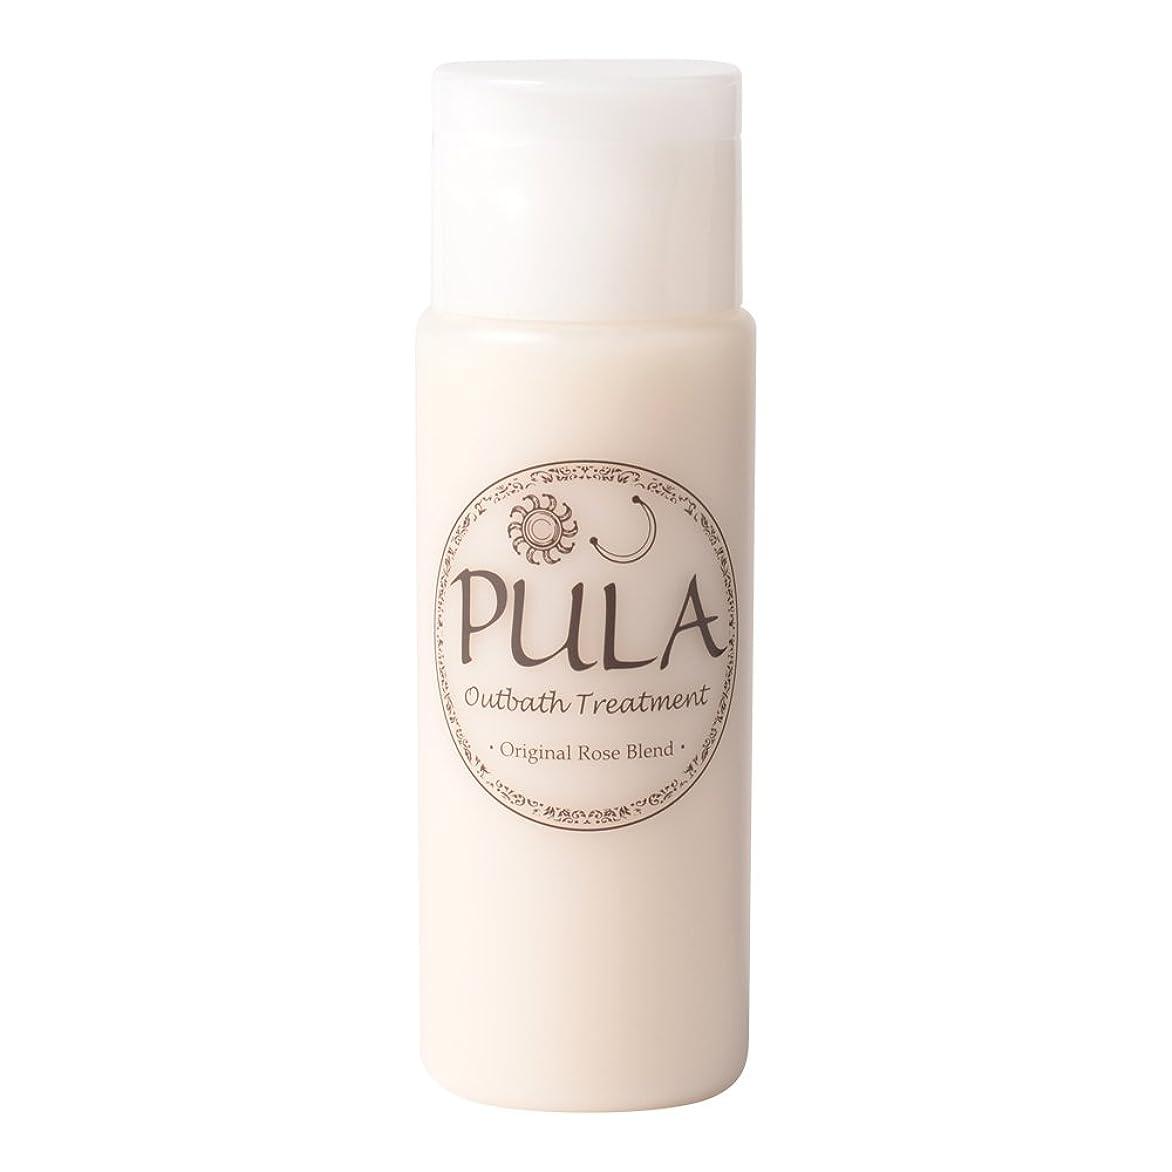 標高つかむお誕生日プーラ アウトバストリートメント 150mL 【ローズの香り】洗い流さないタイプのトリートメント  ヘッドスパ専門店 PULA